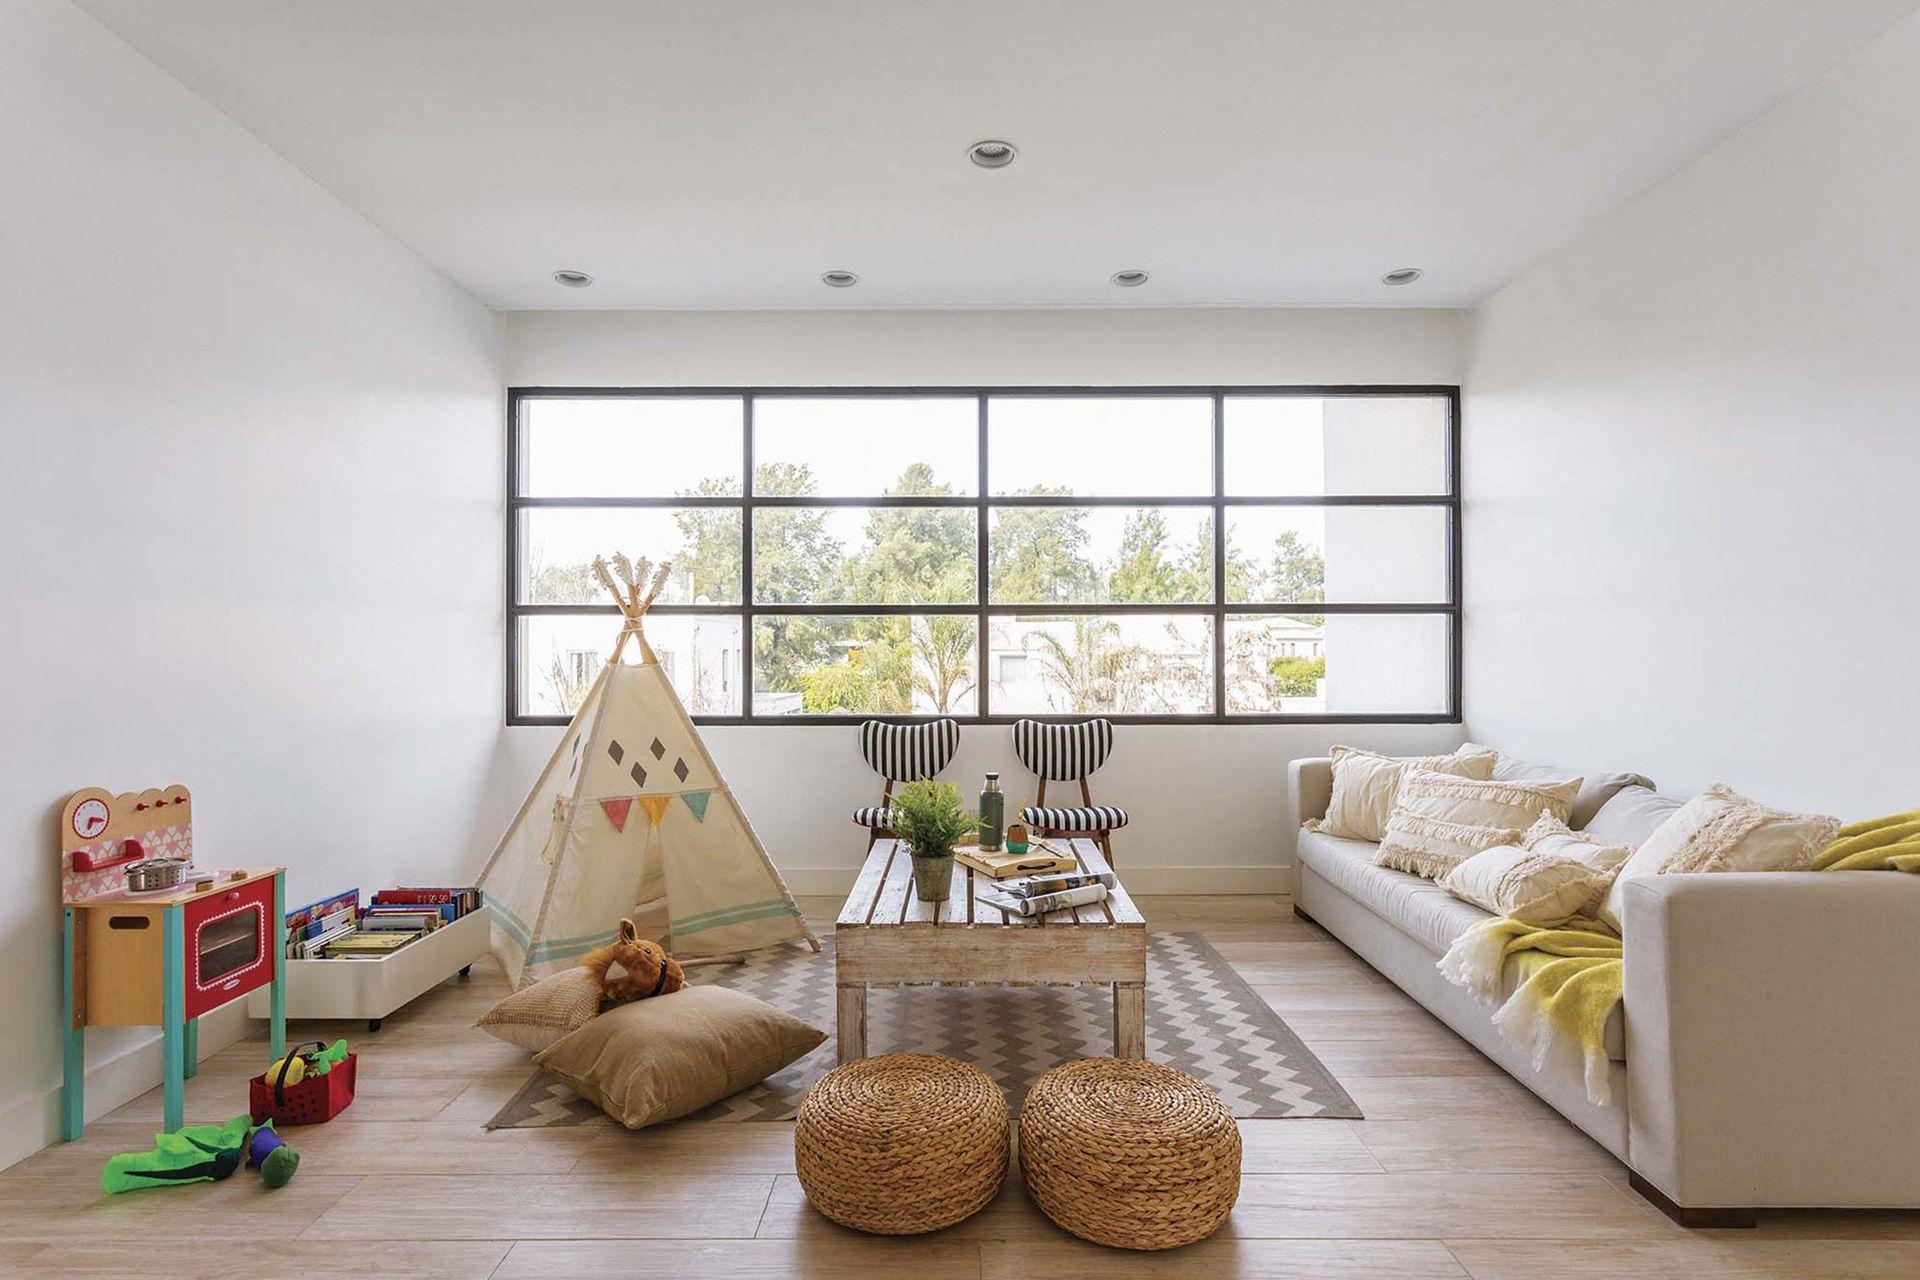 Cocinita (Casa Ideas), carpa (Futi Tiendas de Campamento), alfombra (HM Home), pufs de mimbre (Sol Palou). Sofá con almohadones de tussor con pasamanería (Vero B, Home Deco) y manta color limón (Cuatro Elementos).